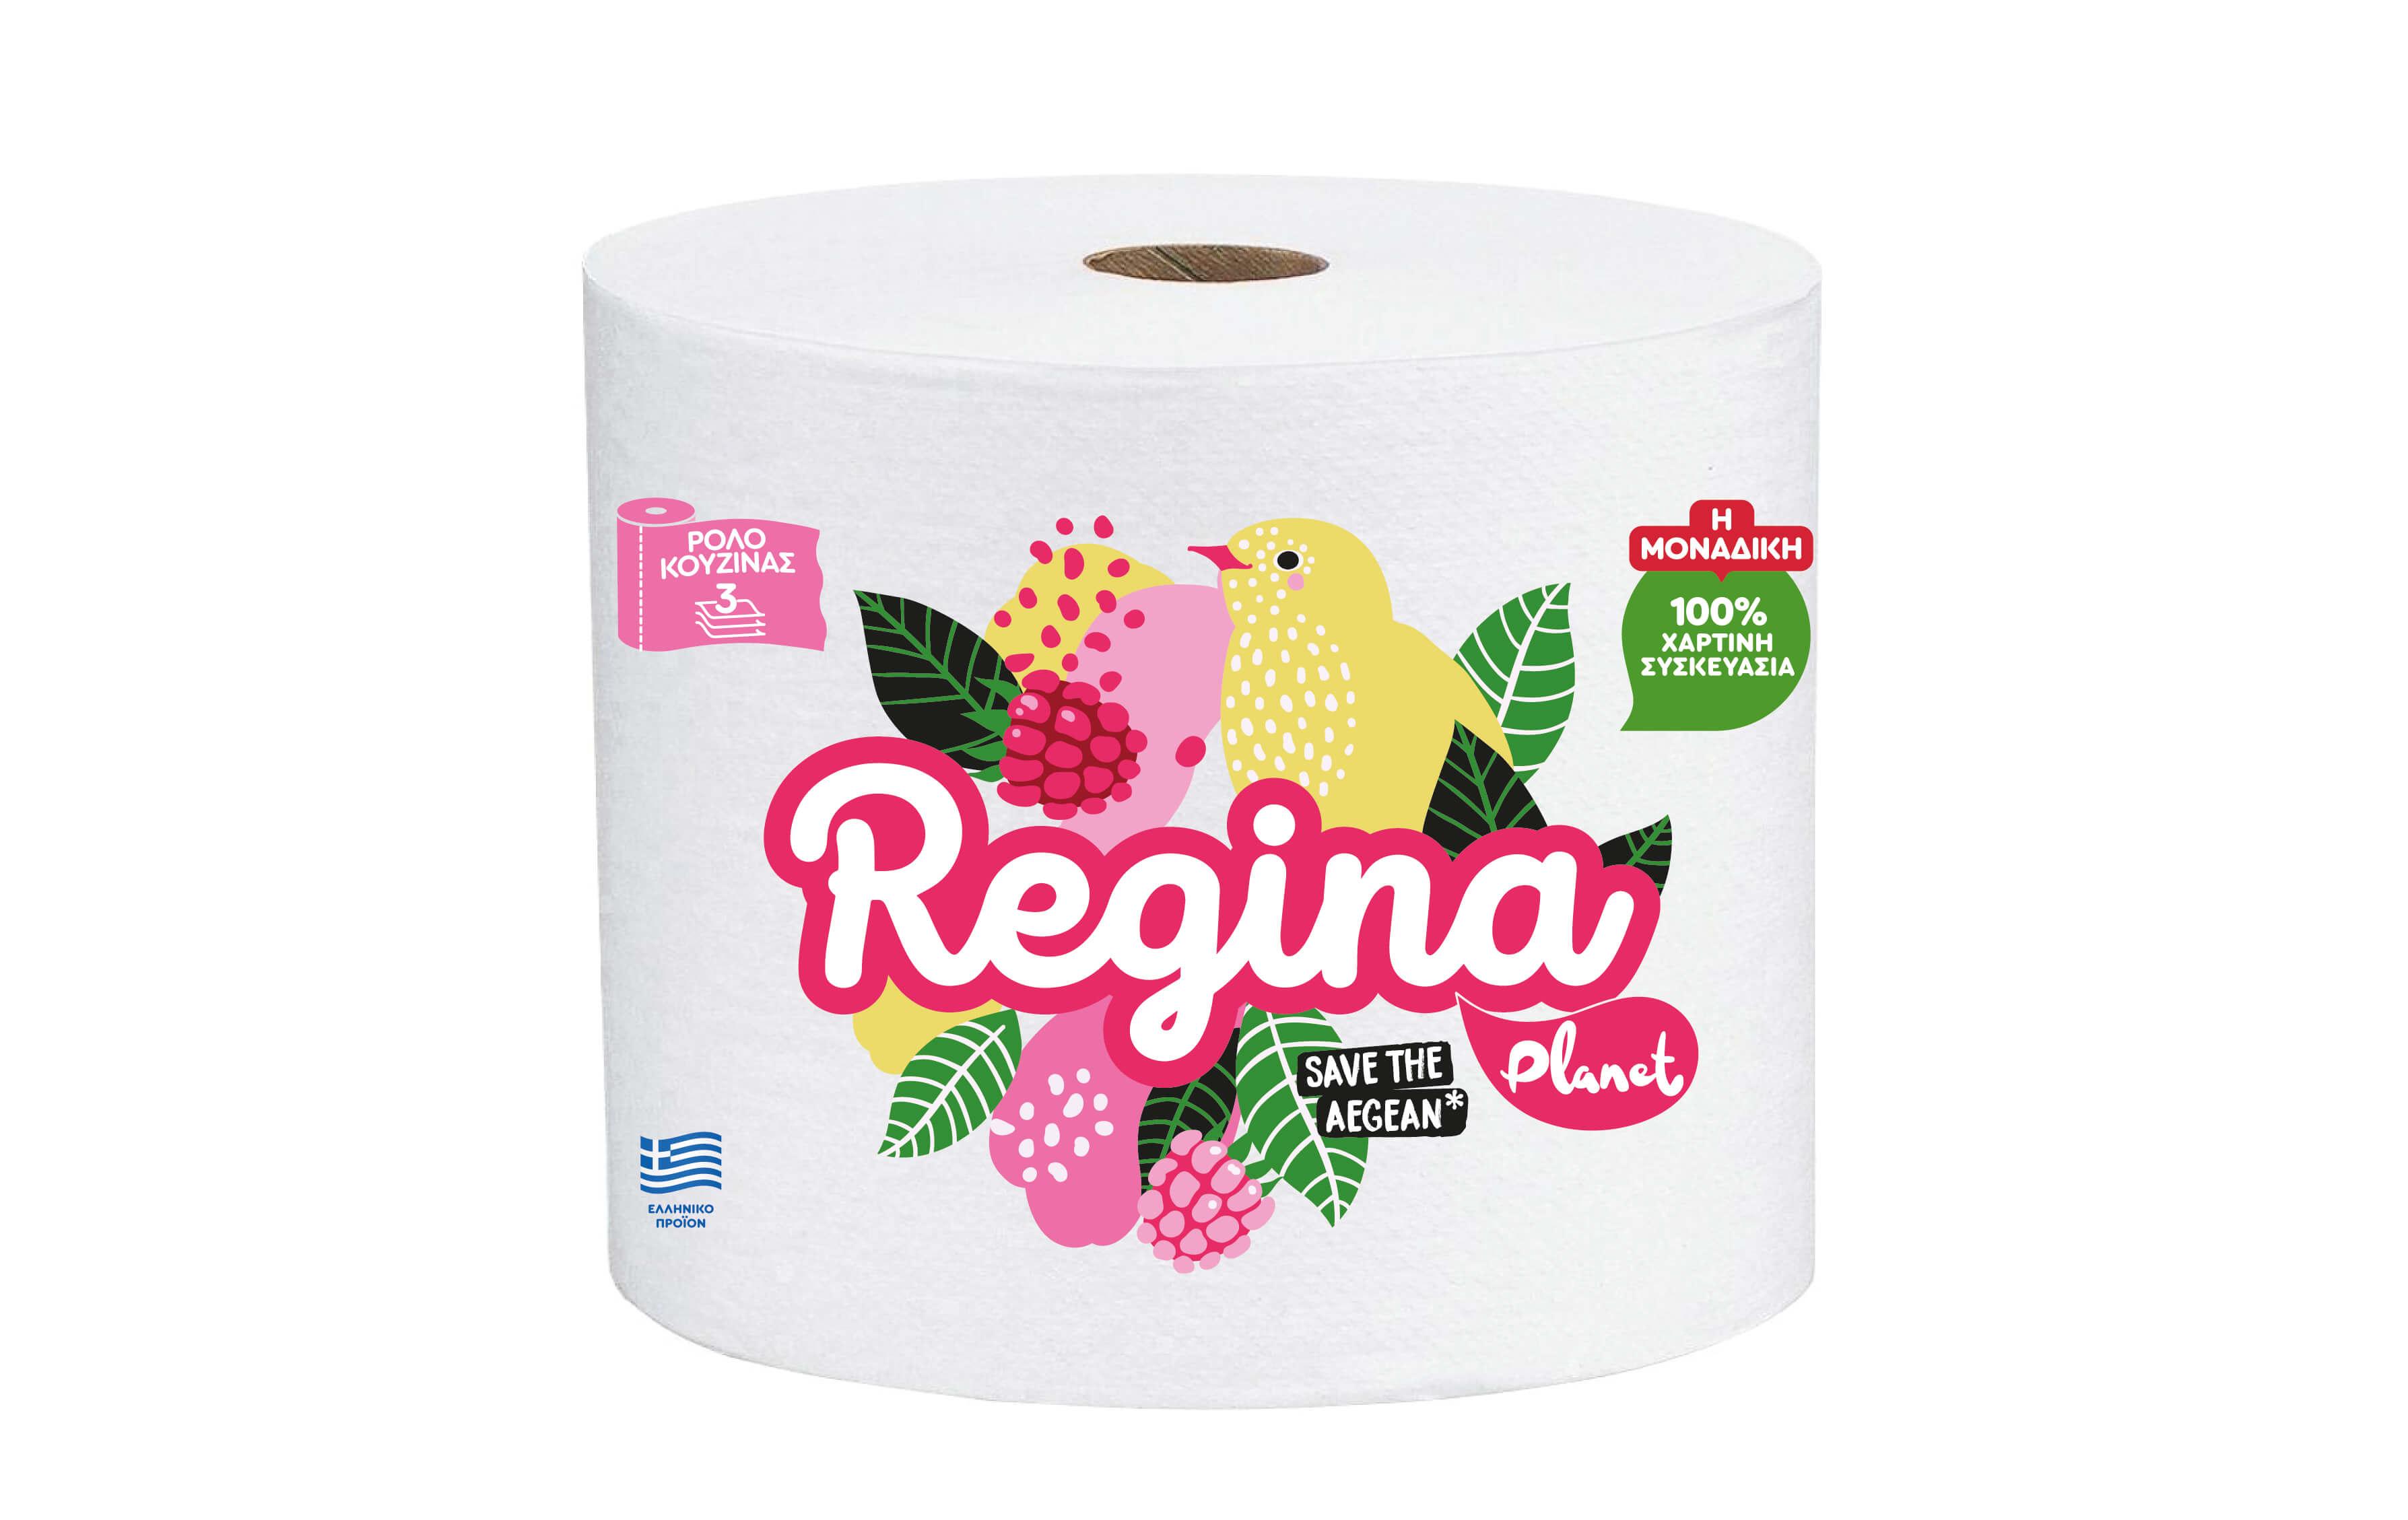 Χαρτί Κουζίνας 3φυλλο Regina Planet (1 τμχ / 500g)